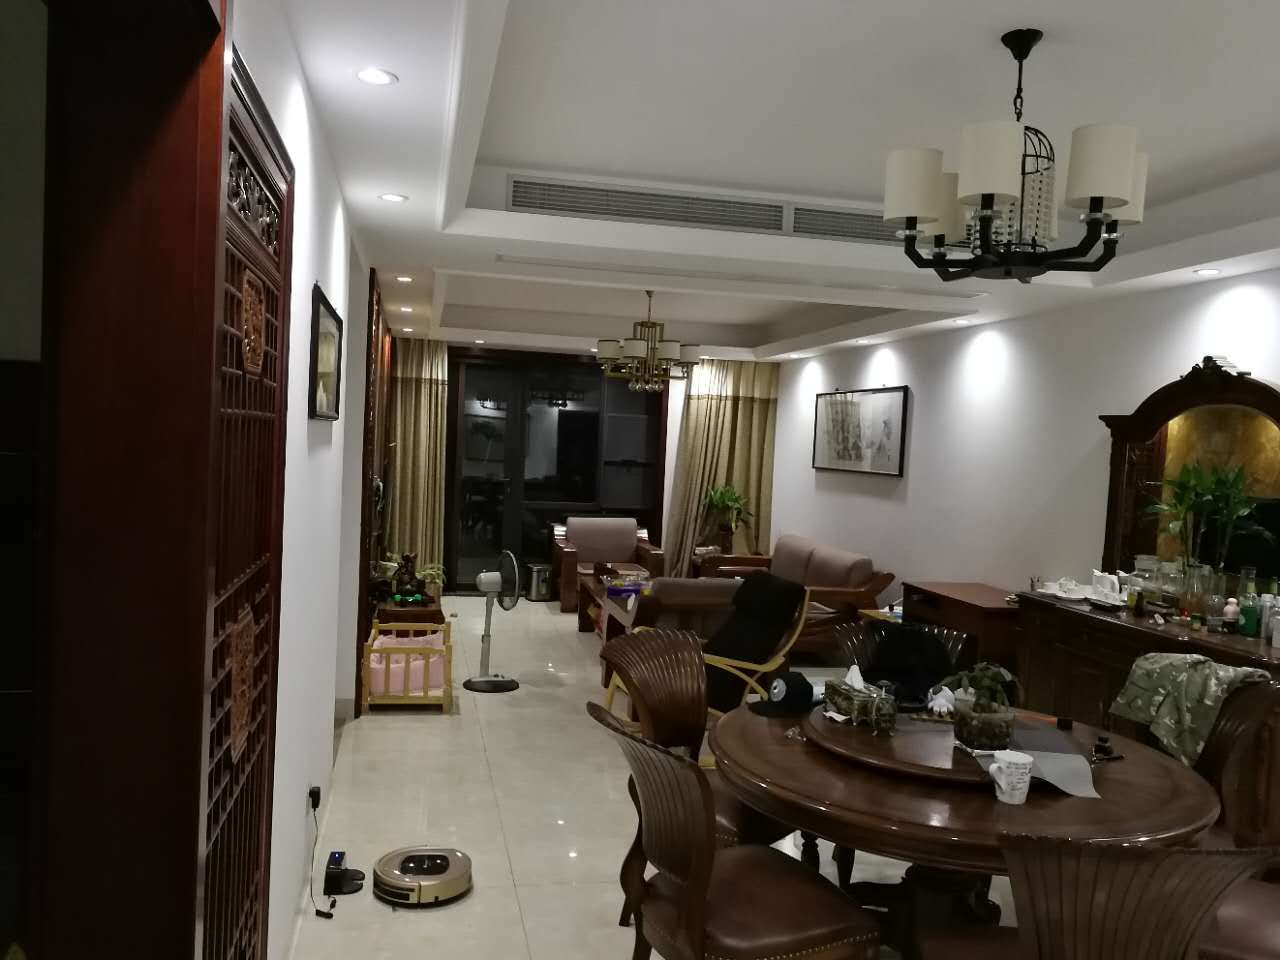 A08281出租:玉兰花园、130平方、28楼、3室2厅2卫、中式豪华装修、景观房,家具家电齐全,拎包入住,价格3500/月。不含物业,不适合群租。的实拍照片